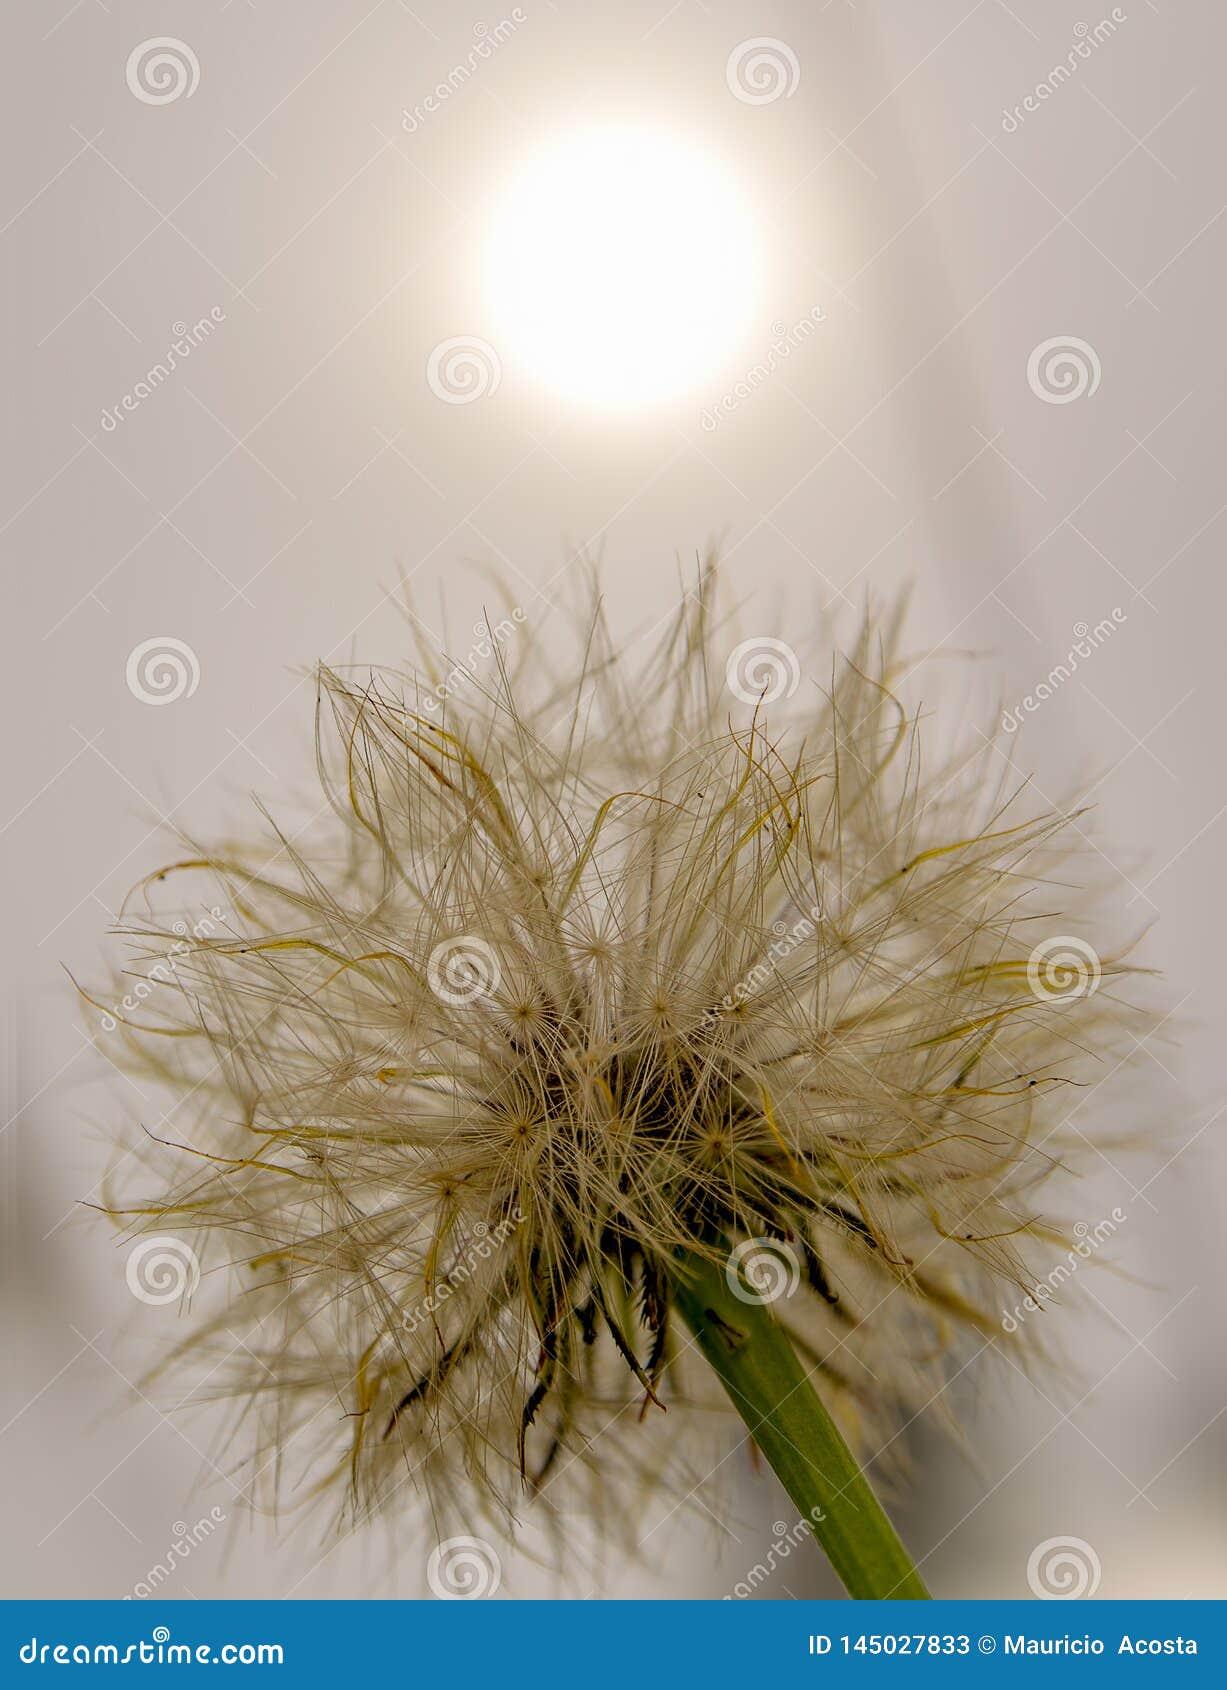 Cabe?a da semente do dente-de-le?o, com um sol tenous atr